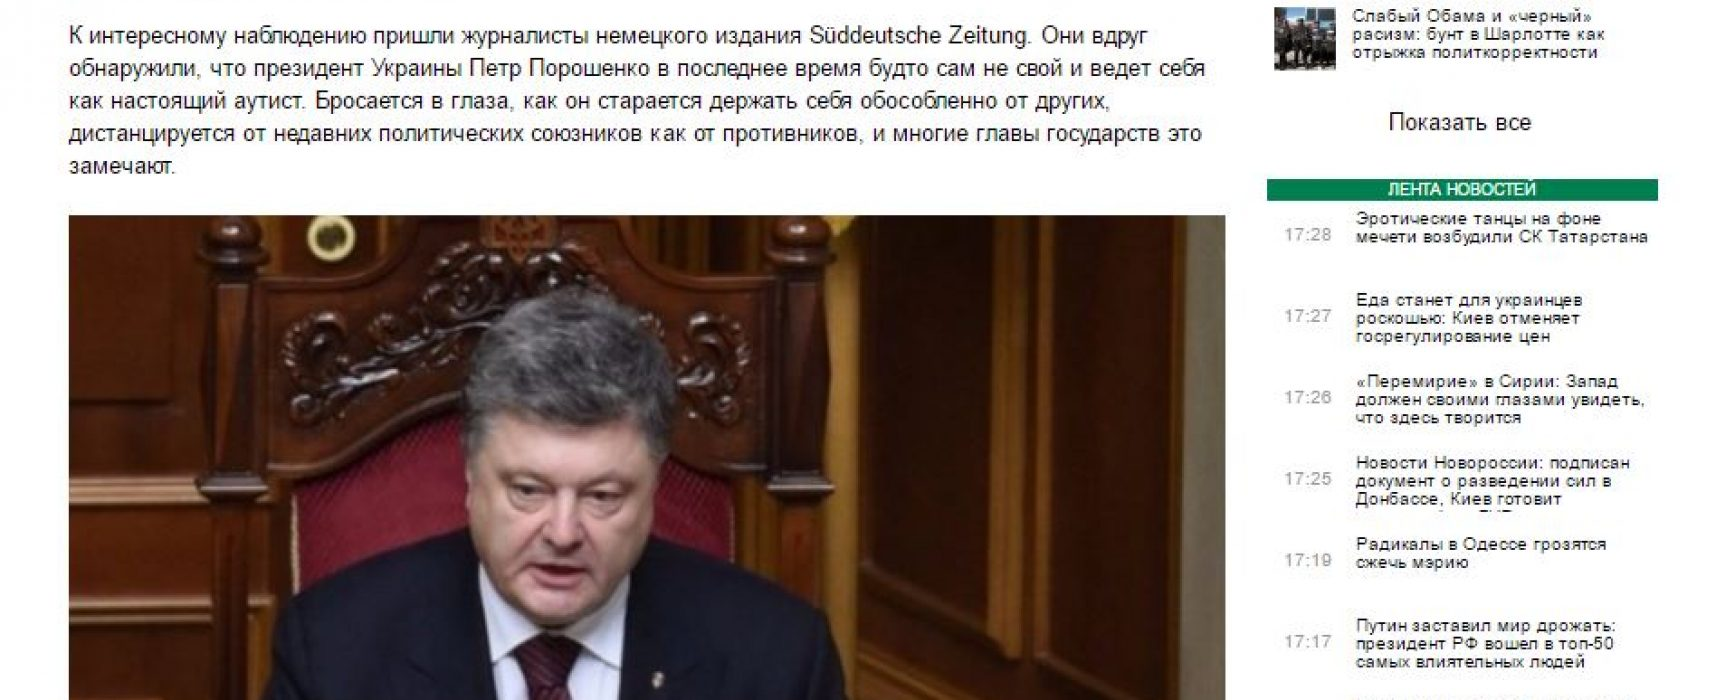 Falso: Un medio alemán diagnosticó a Poroshenko con autismo